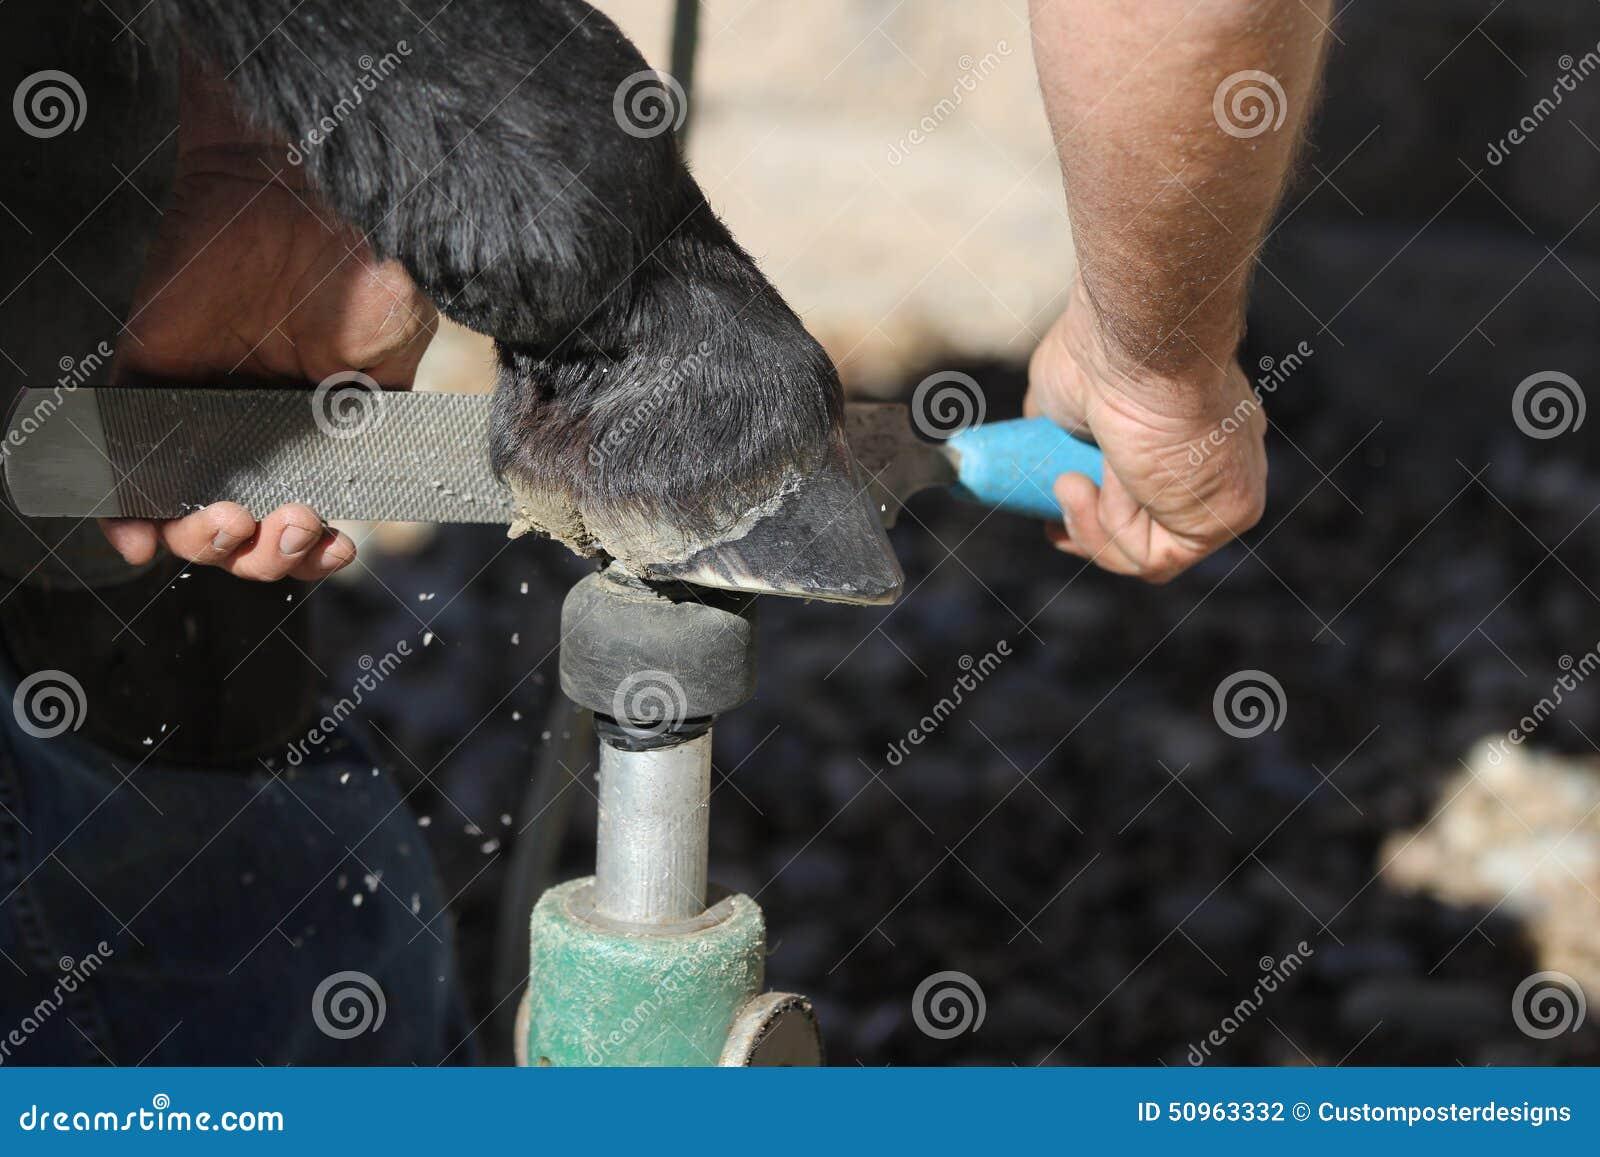 A farrier trims a barefoot horse.